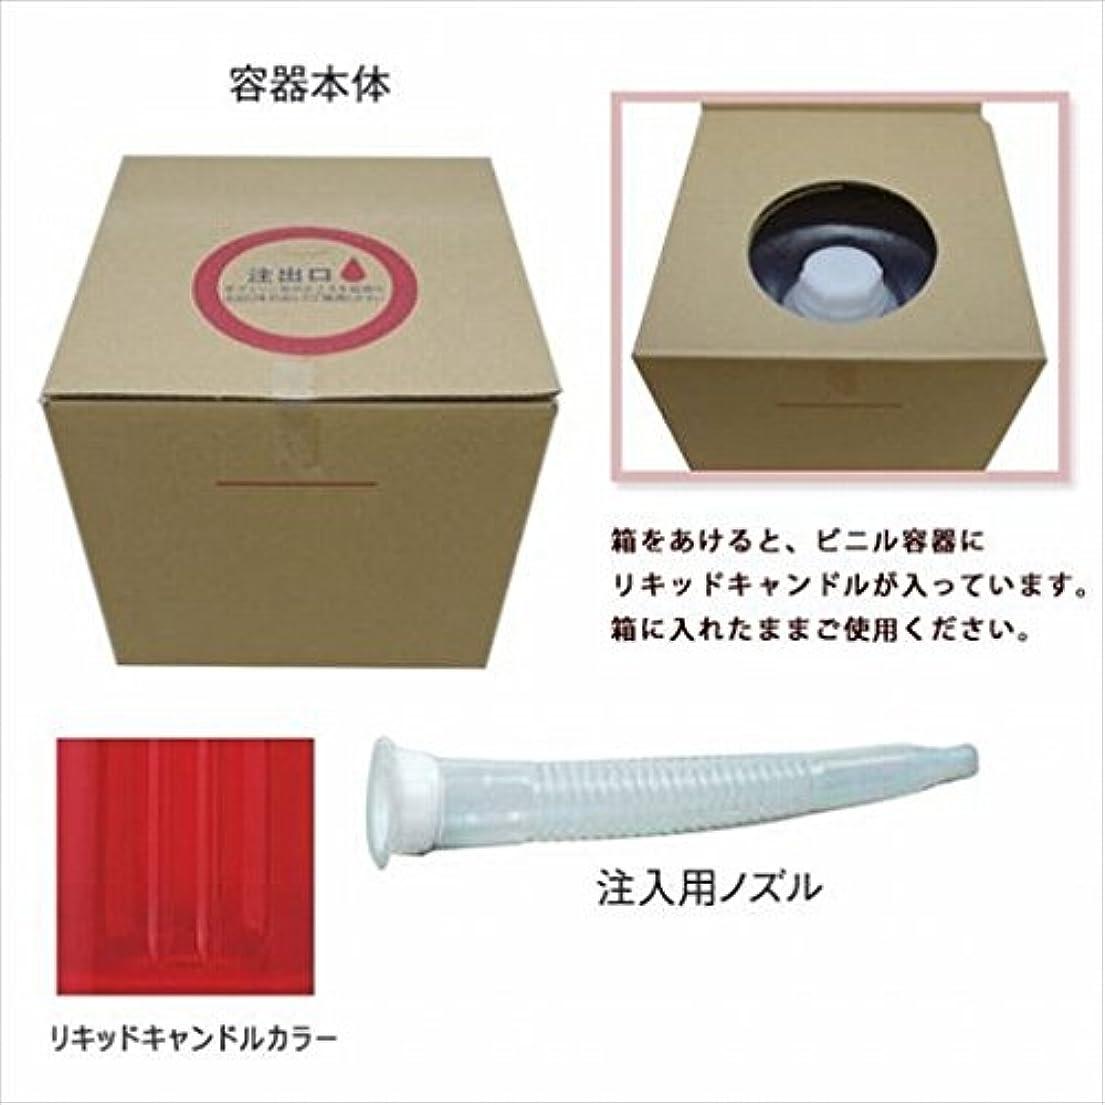 さようなら累積美的カメヤマキャンドル(kameyama candle) リキッドキャンドル5リットル 「 ワインレッド 」